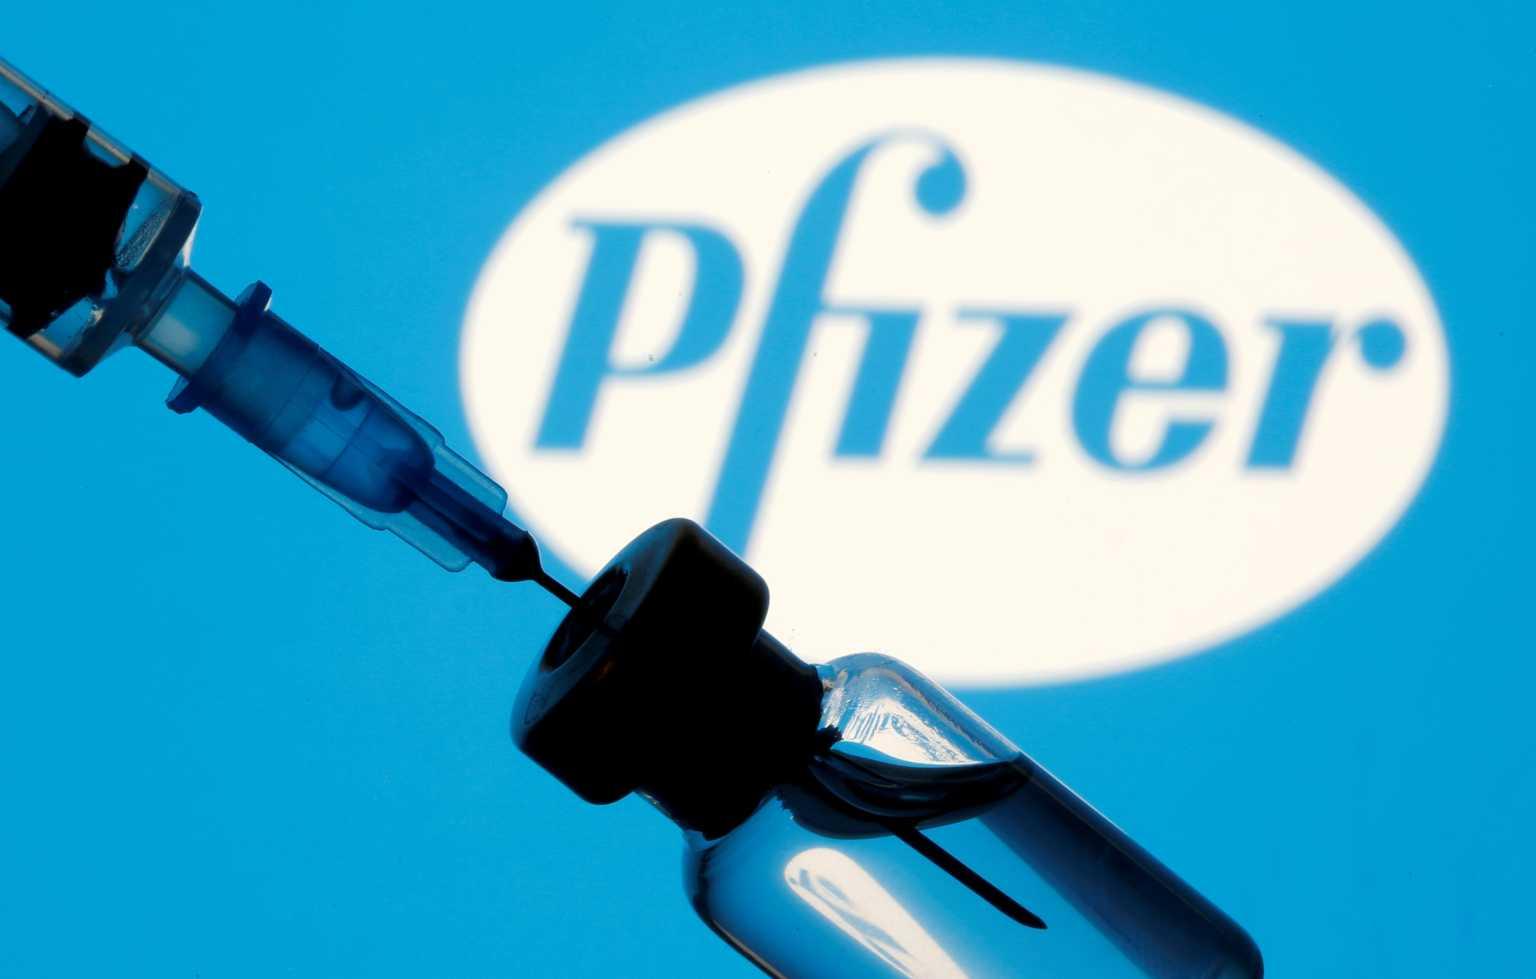 Κορονοϊός: 42χρονος με μυοκαρδίτιδα μετά το εμβόλιο της Pfizer – Ερευνώνται άλλα 25 περιστατικά